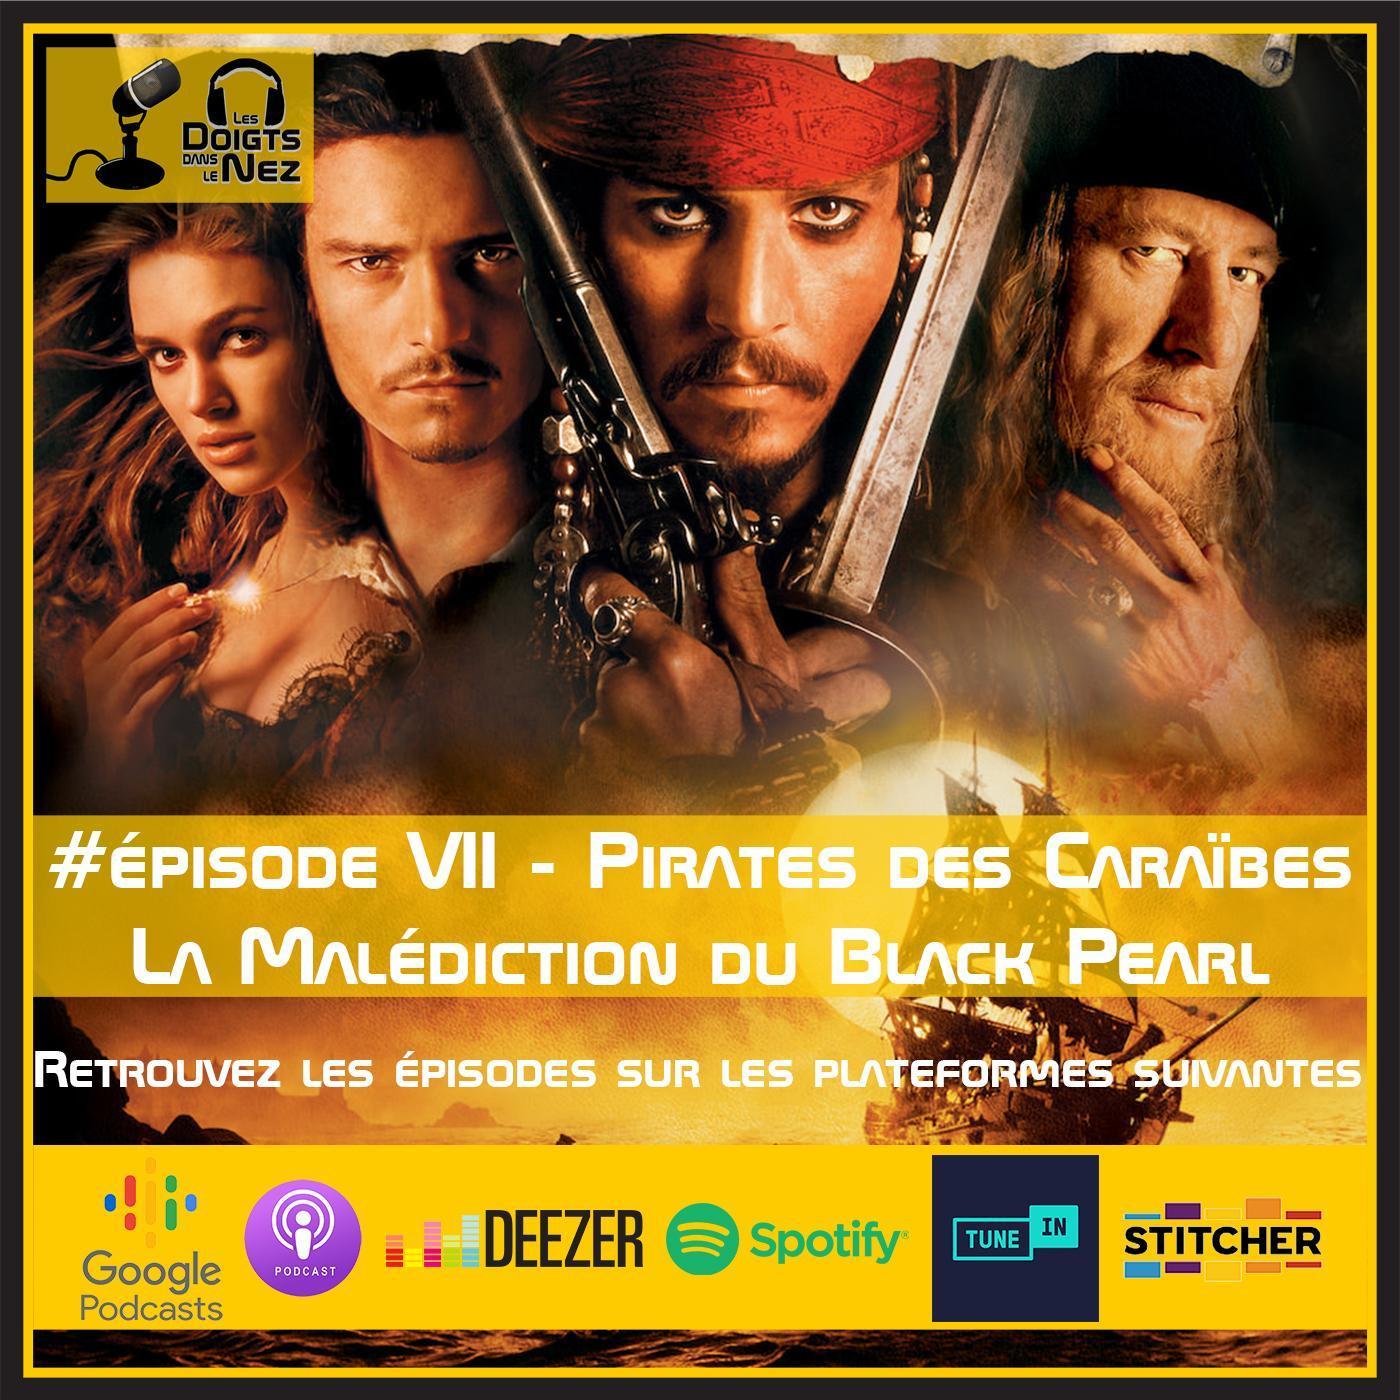 #Episode VII - Pirates des Caraïbes - La Malédiction du Black Pearl